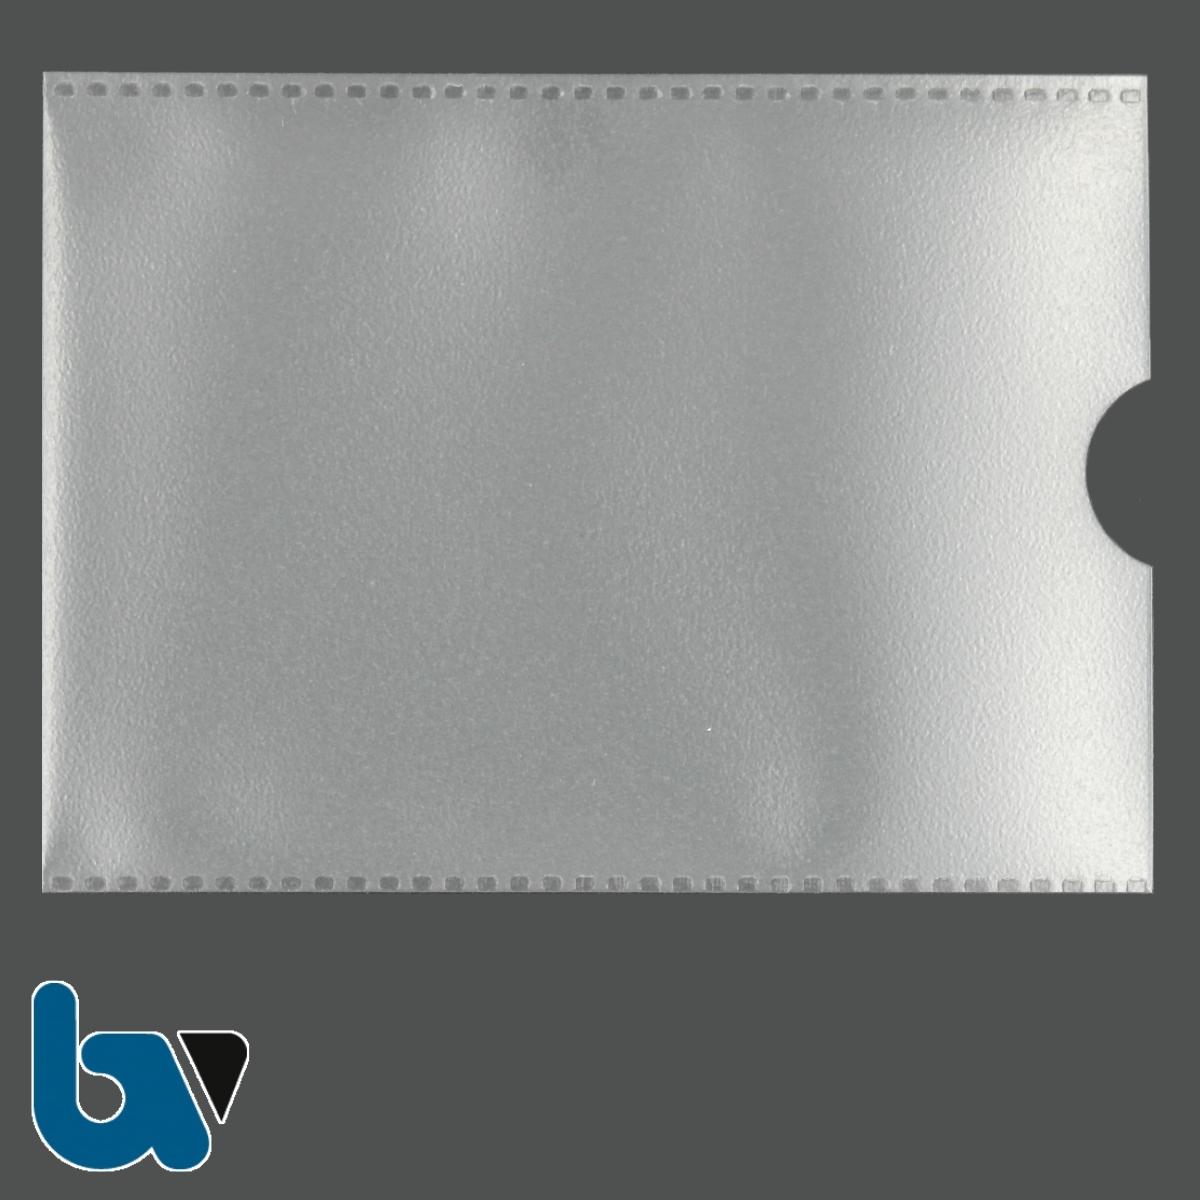 4786 Schutzhülle Sichthülle Dokument Ausweis DIN A7 Bild 2 | Borgard Verlag GmbH